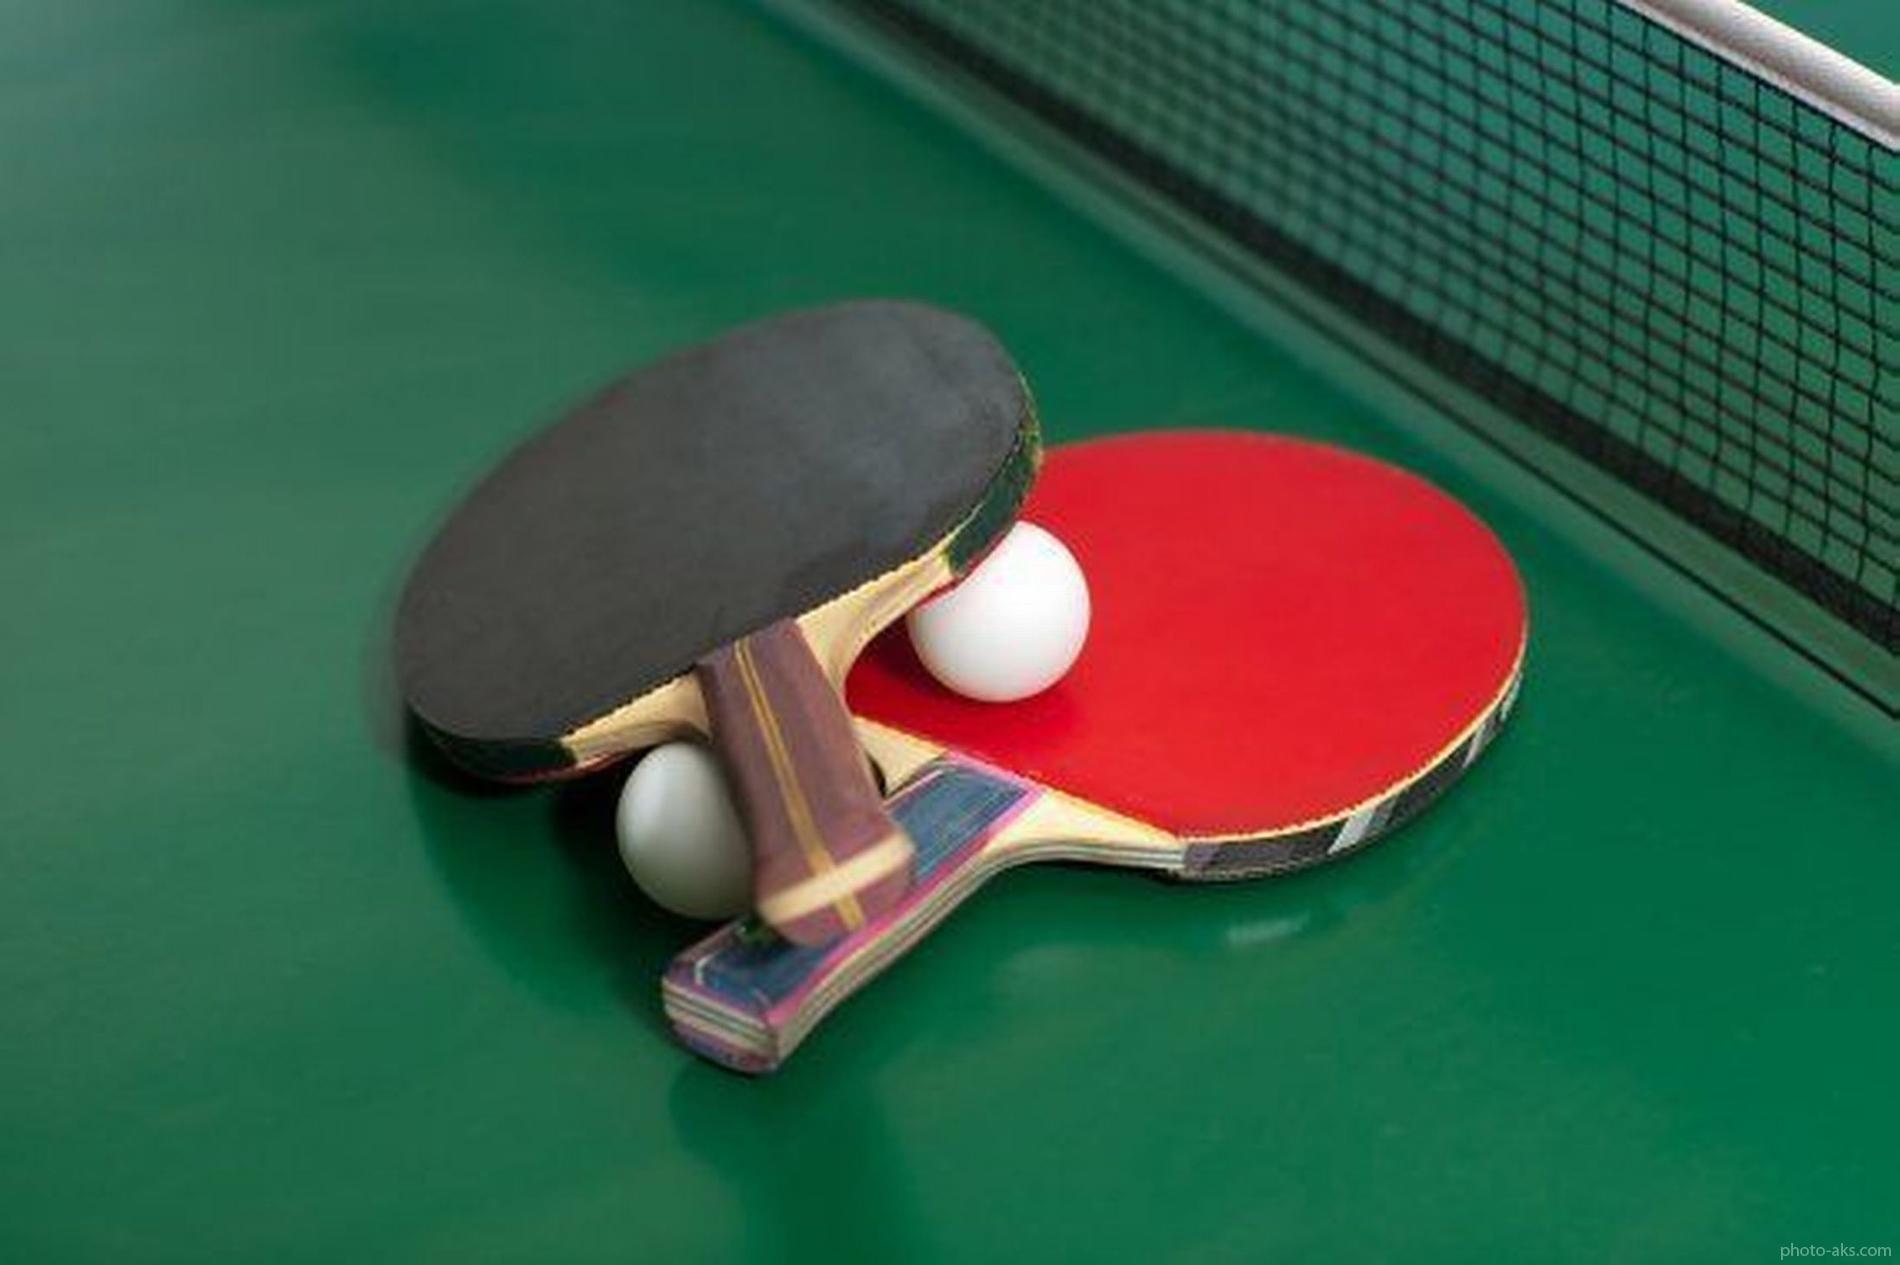 کسب مدال طلا توسط نماینده خراسان شمالی در مسابقات تنیس روی میز